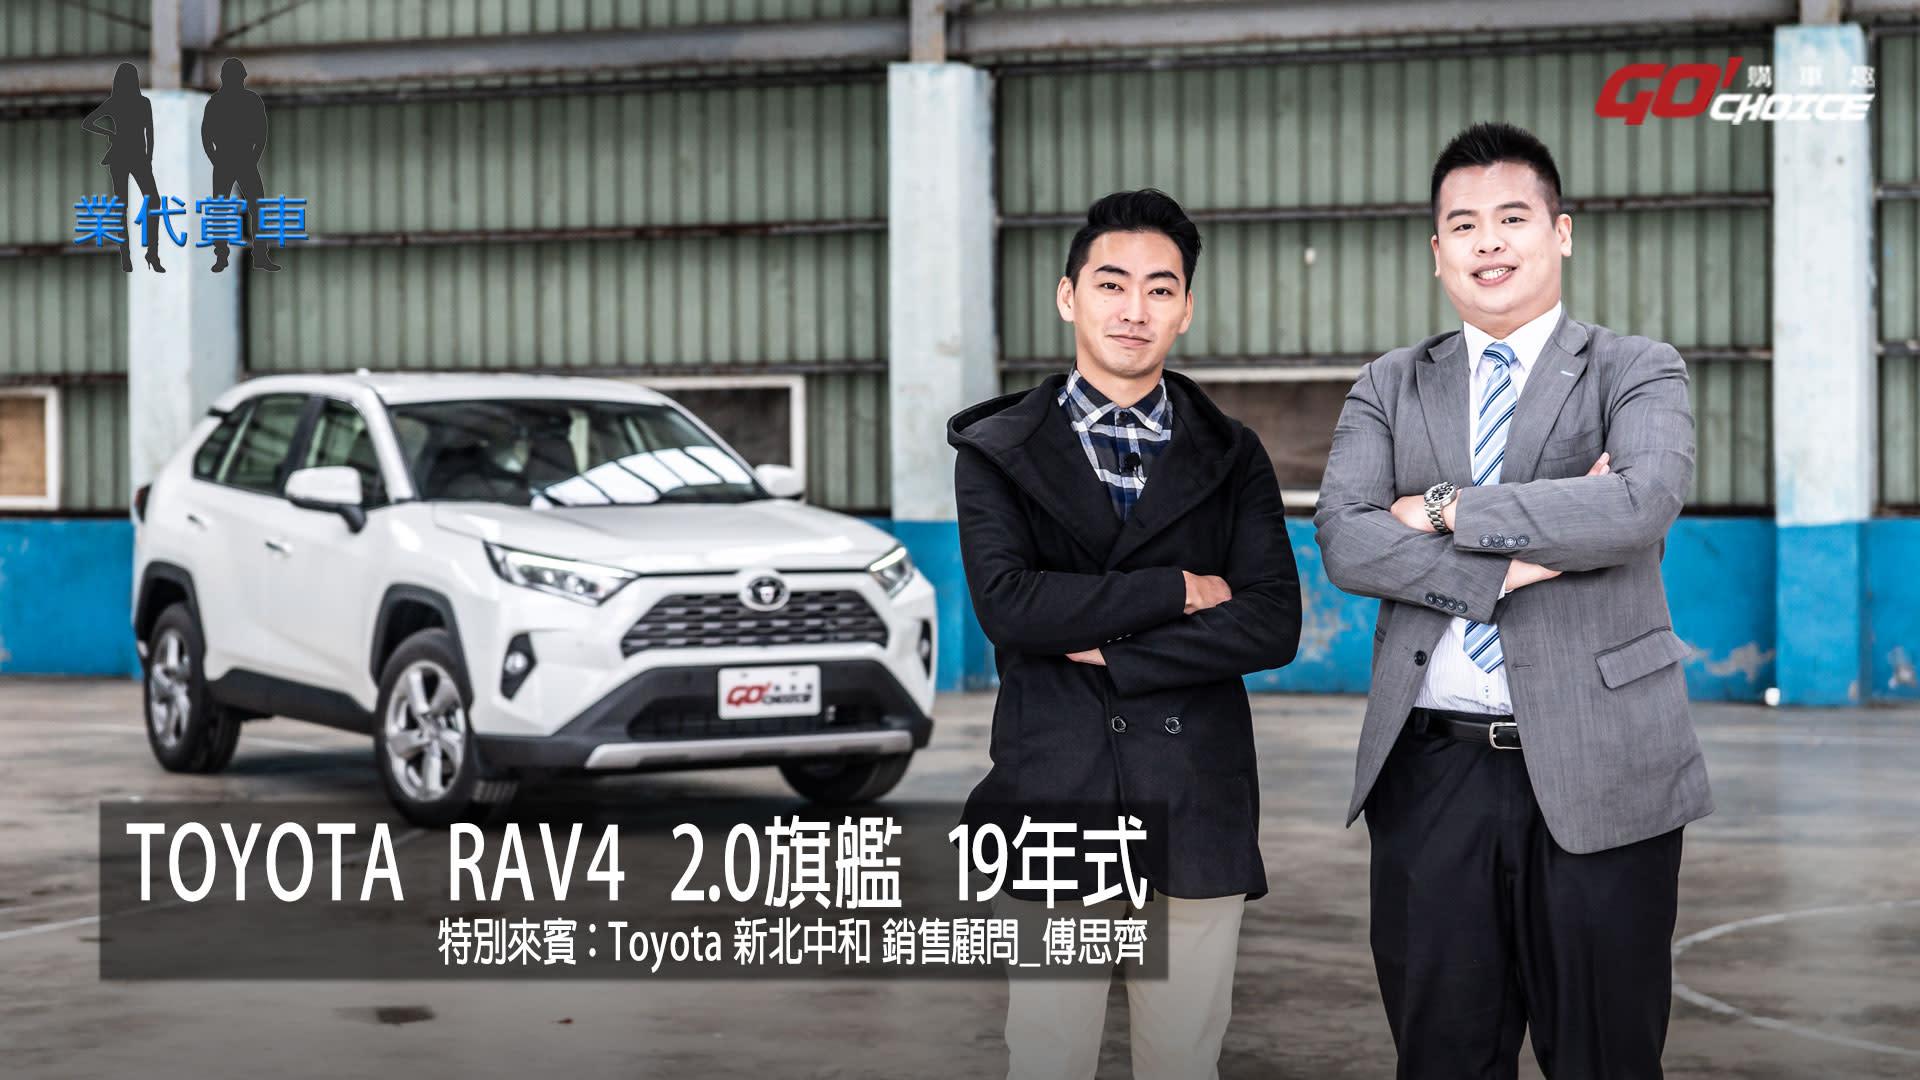 業代賞車-2019 TOYOTA RAV4 2.0旗艦_特別來賓 : Toyota 新北中和 銷售顧問_傅思齊